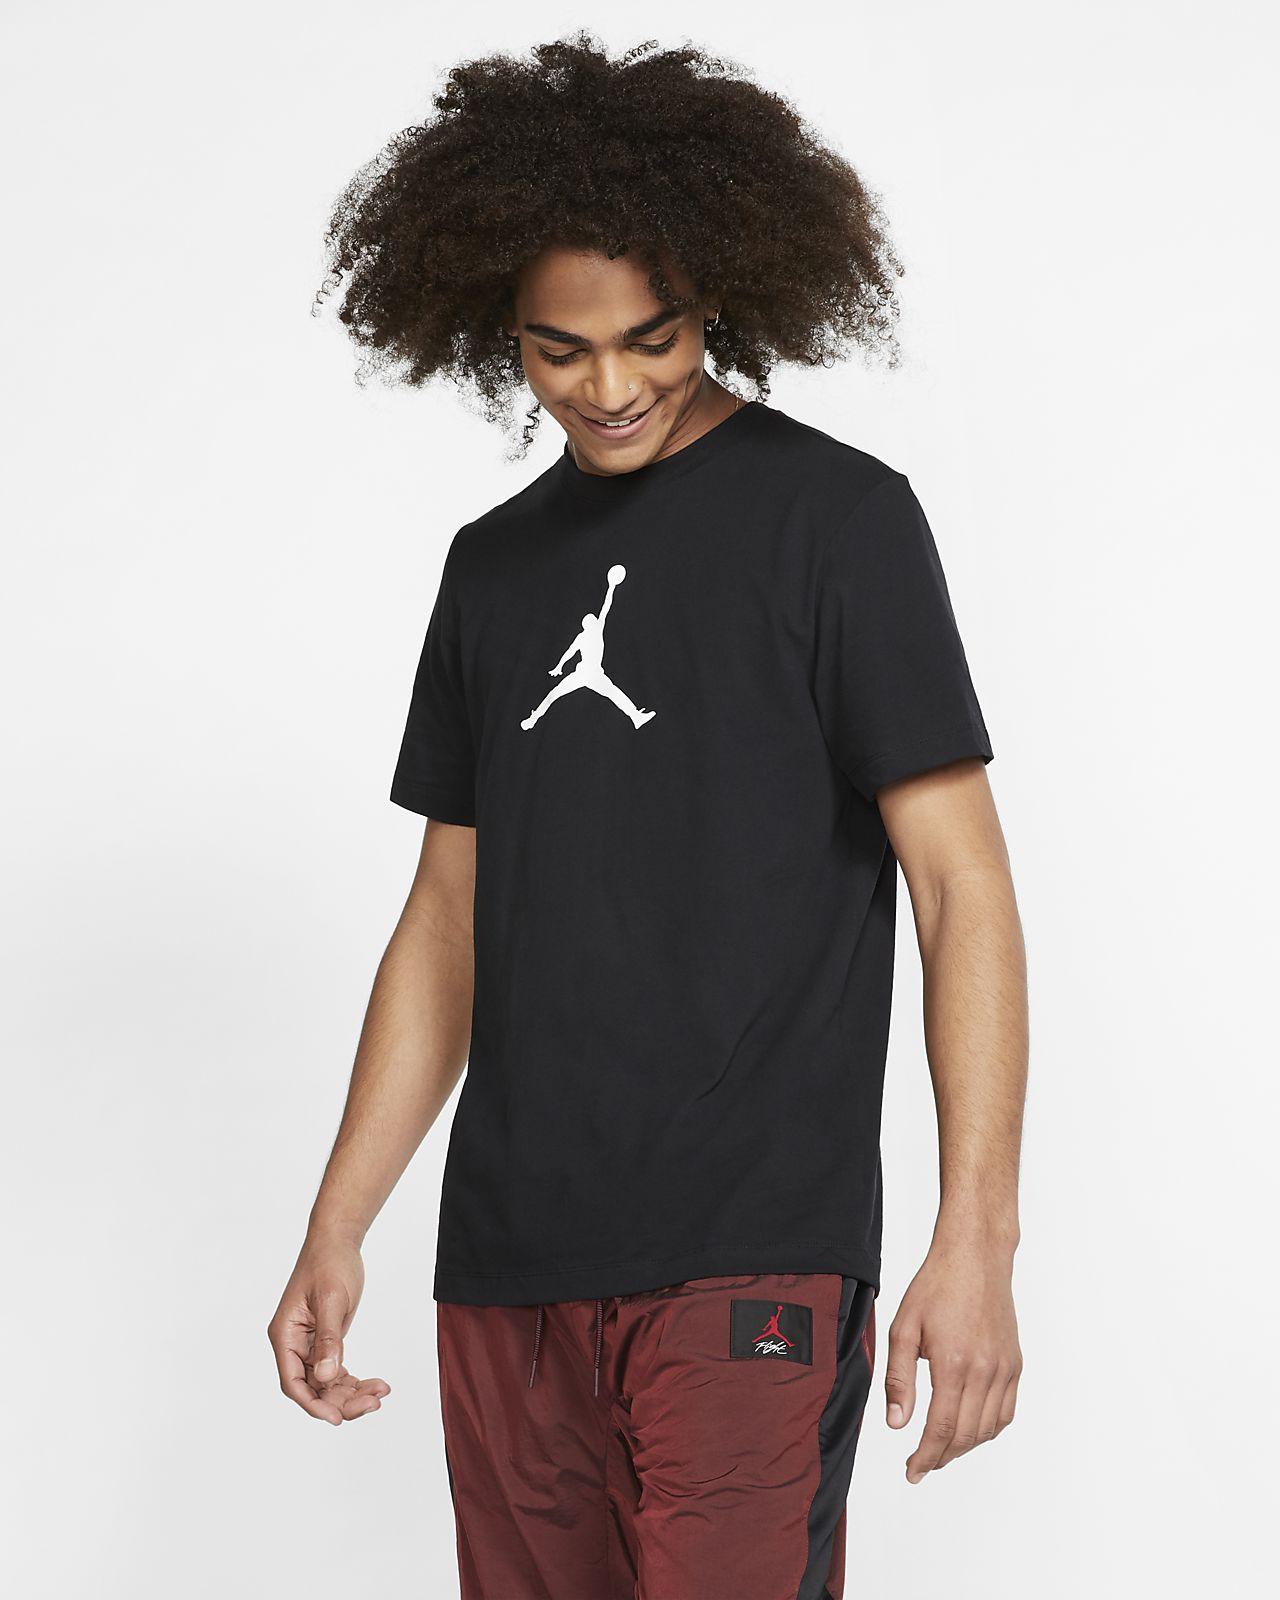 26b059d77ce0 Jordan Iconic 23 7 Men s Training T-Shirt. Nike.com BE